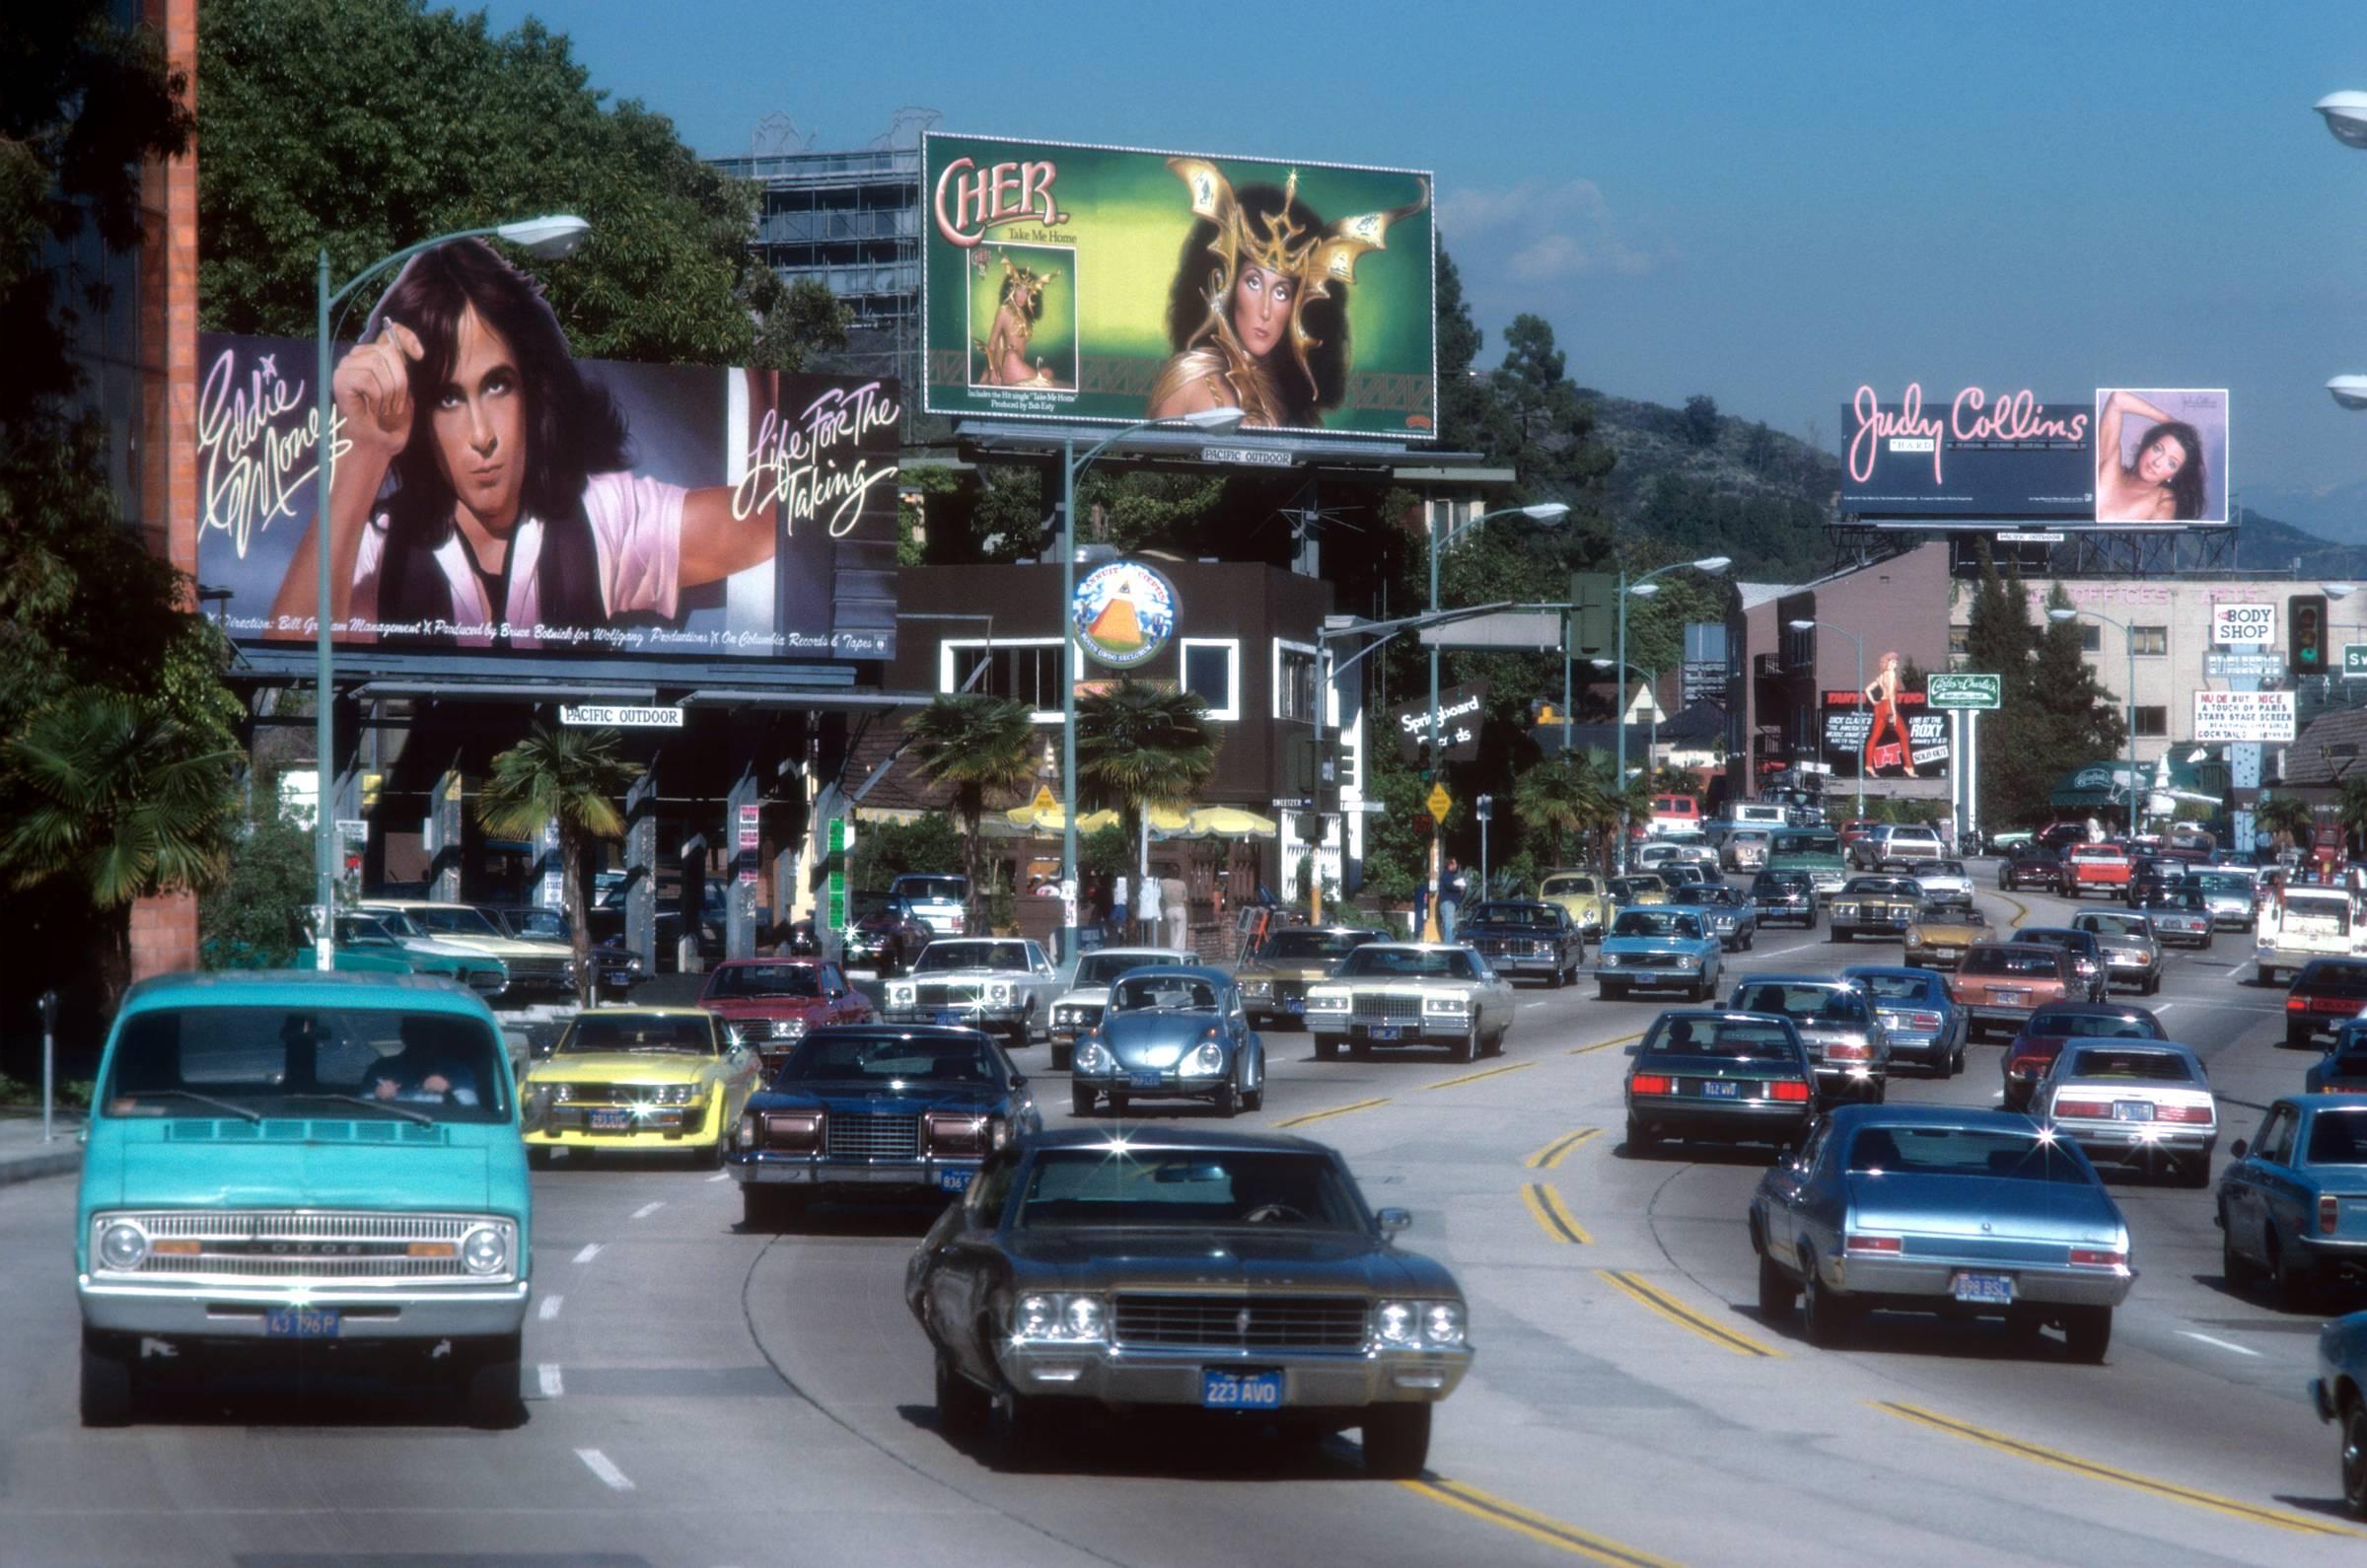 Ebaums world street strip